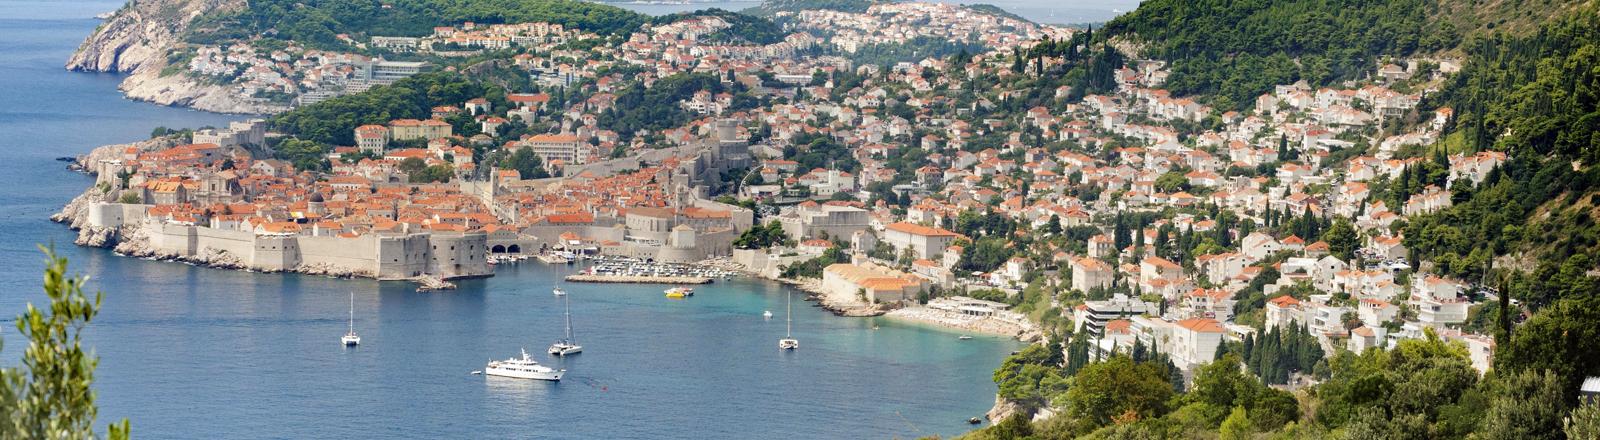 Dubrovnik ist Drehort von Game of Thrones.